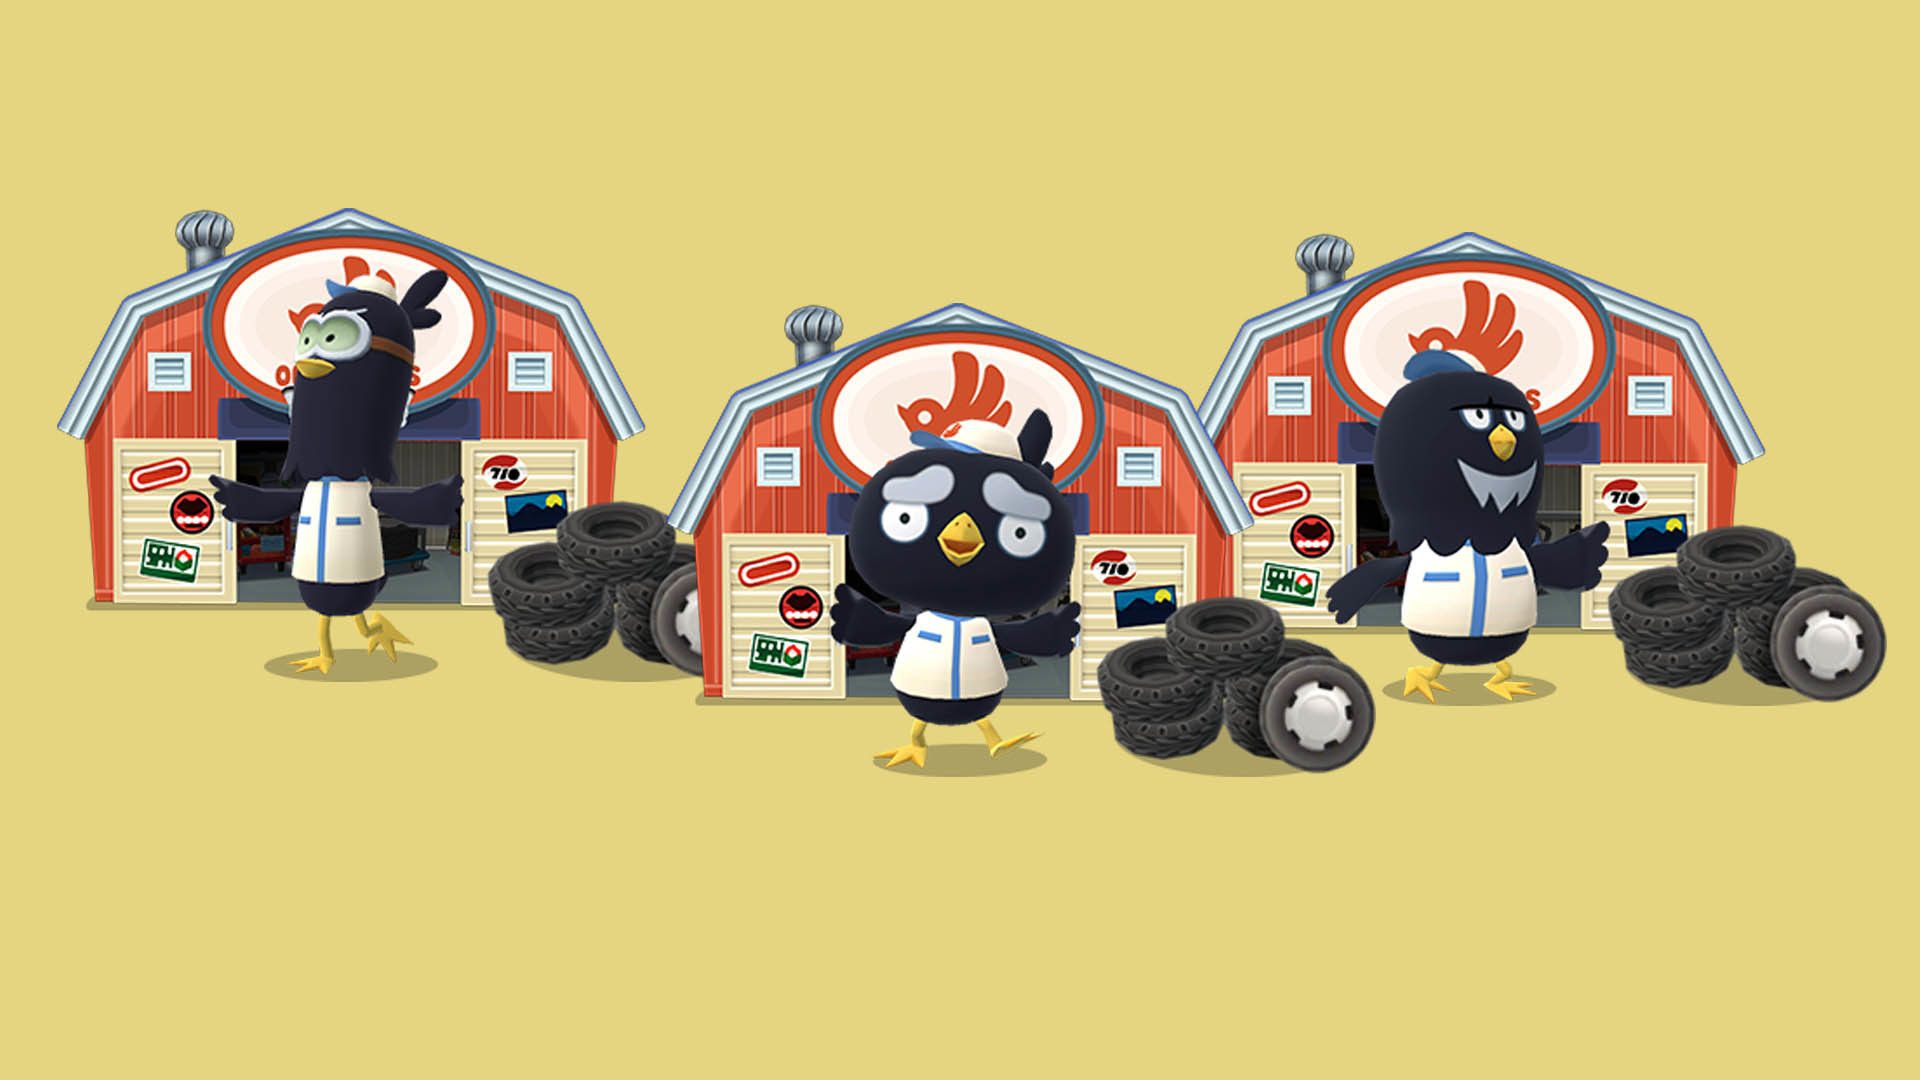 Download 1920x1080 Wallpaper Game Mobile Game Animal